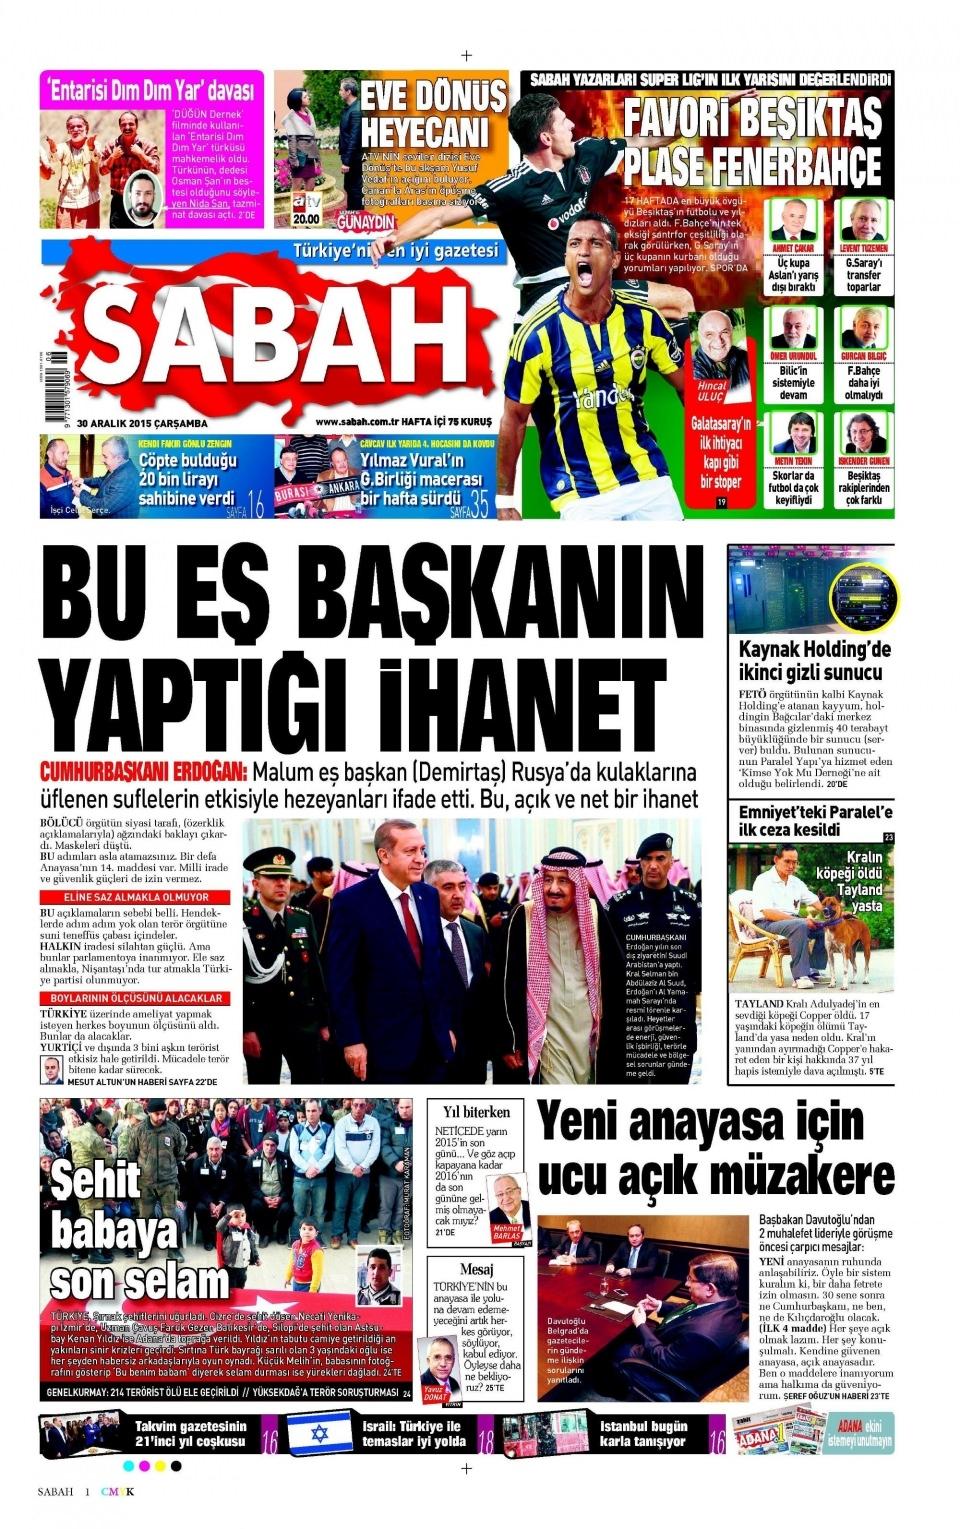 30 Aralık 2015 gazete manşetleri 23